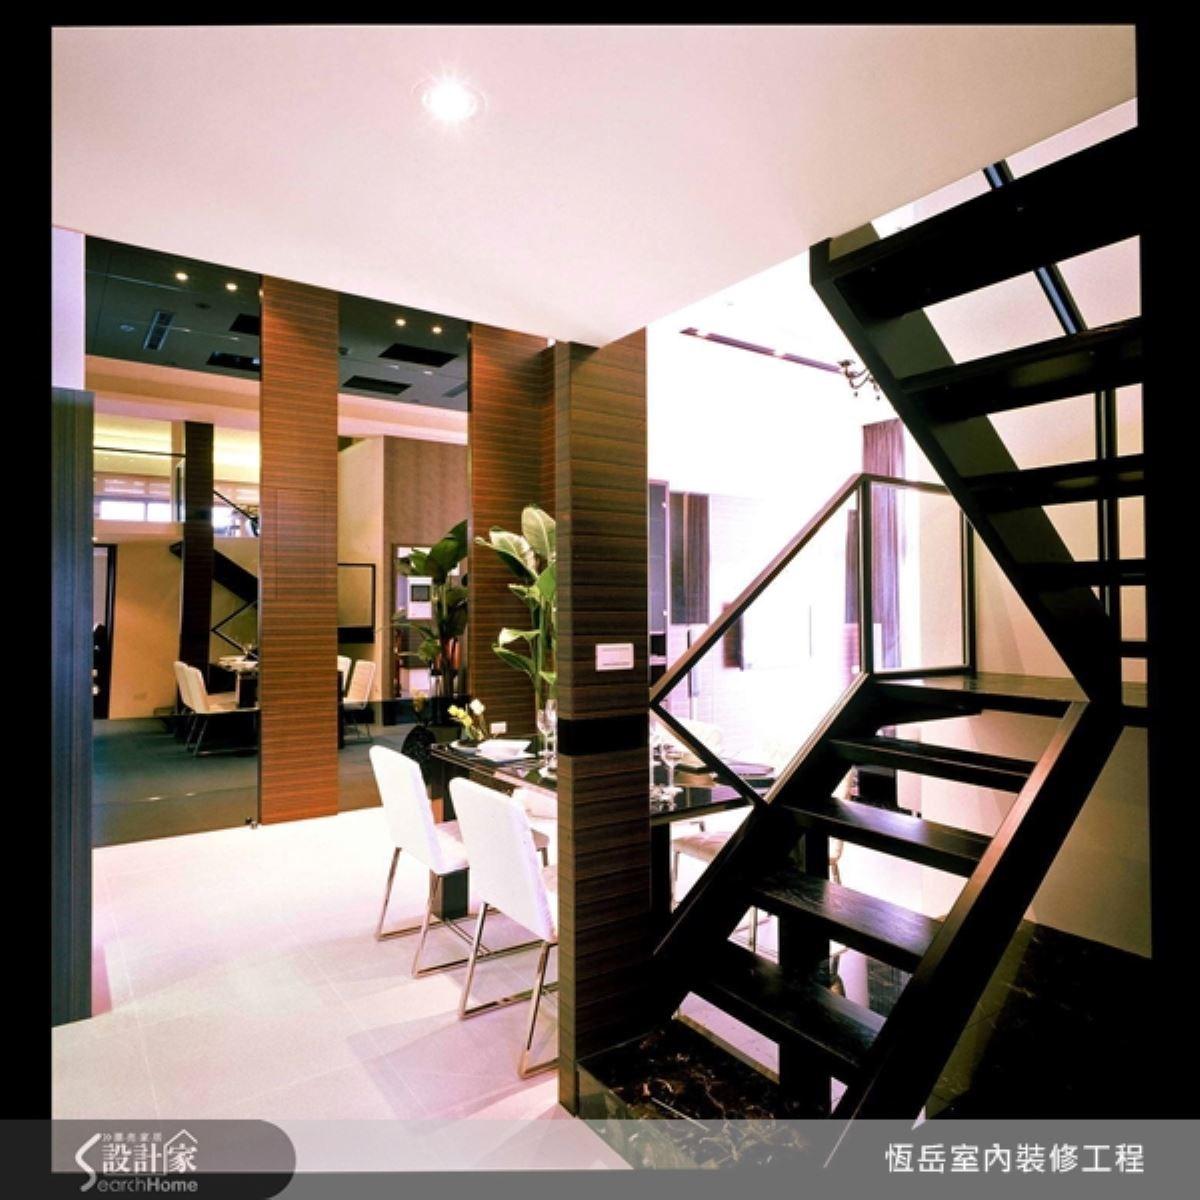 鐵件在居家設計中常帶來絕佳的反差效果,清玻璃的扶手與階梯的鏤空設計,讓視覺在空間中的穿透更加順暢。正在佈置或未來即將要佈置家裡的朋友,一定要試試鐵件的驚人效果。